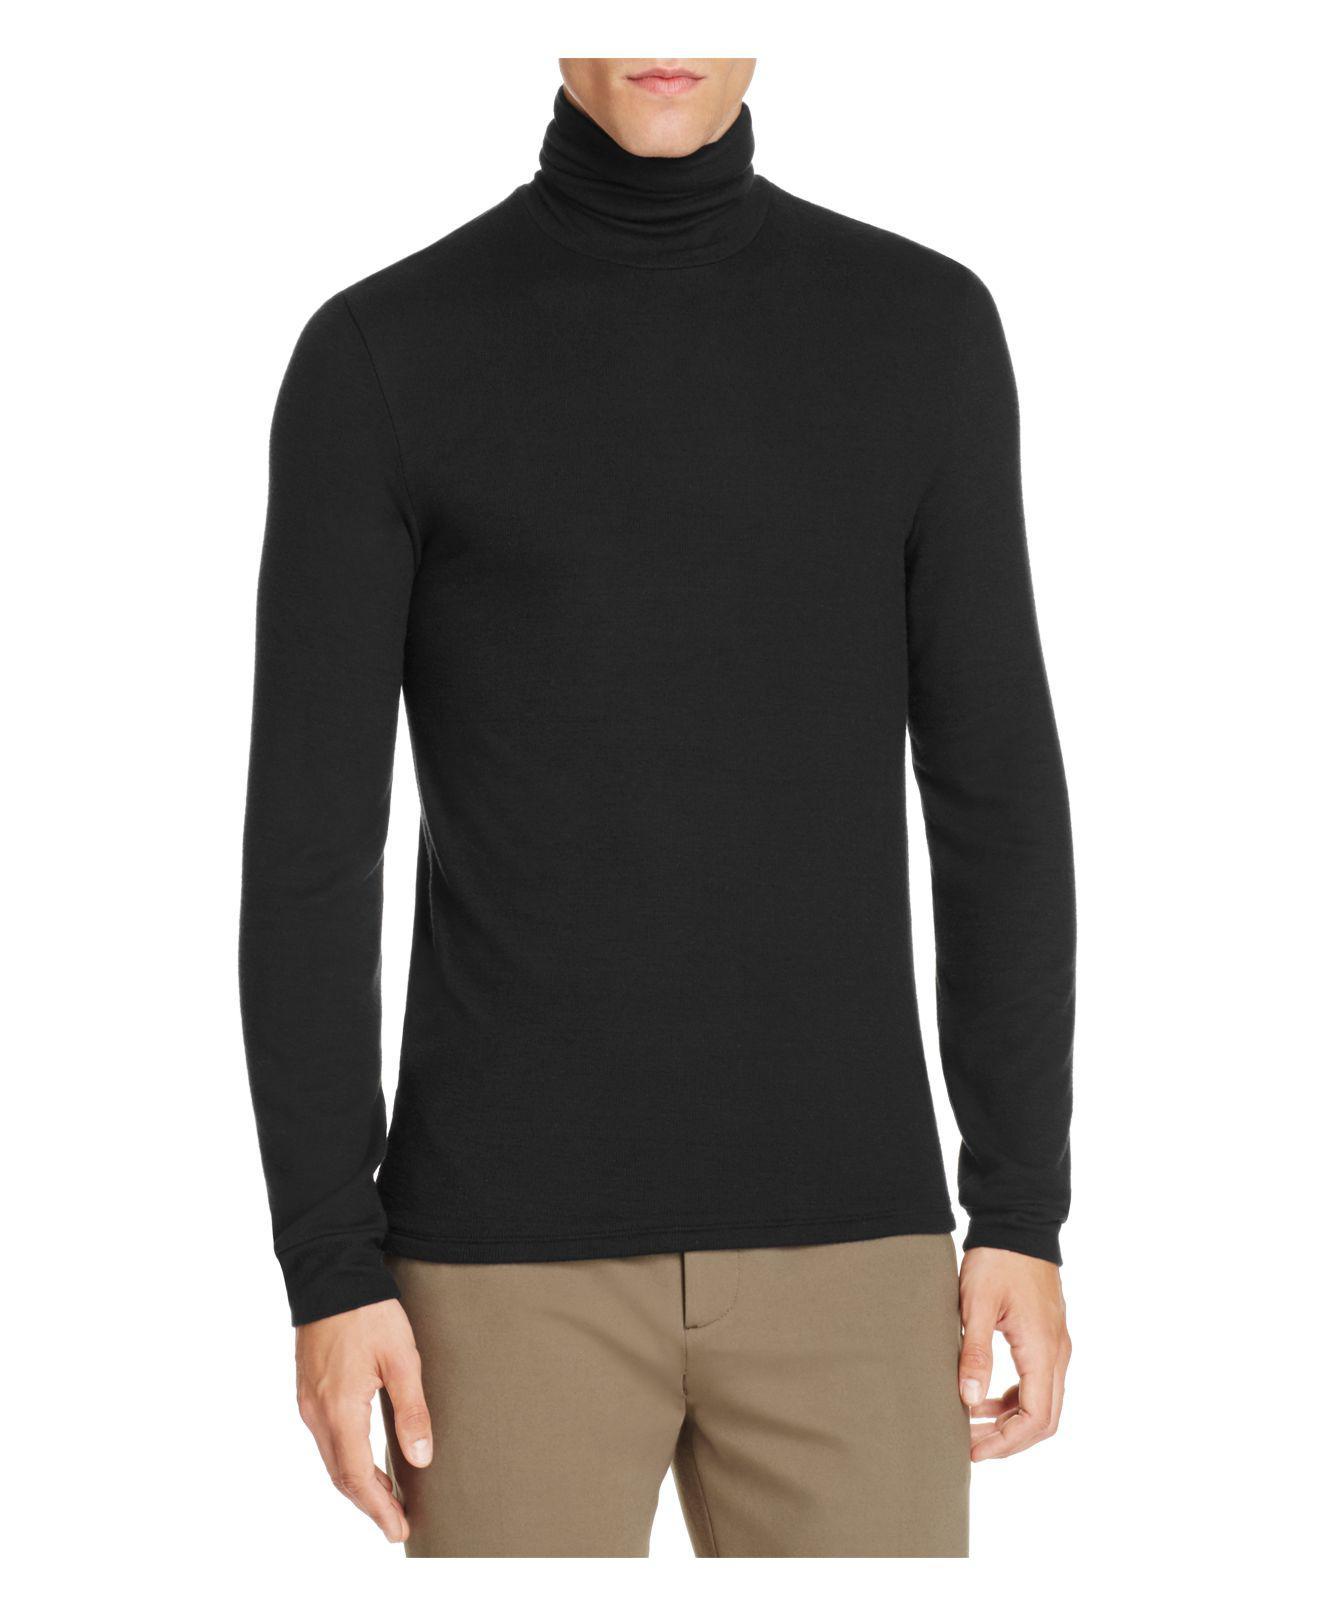 Atm Atm Cotton Ribbed Turtleneck Jumper in Black for Men | Lyst